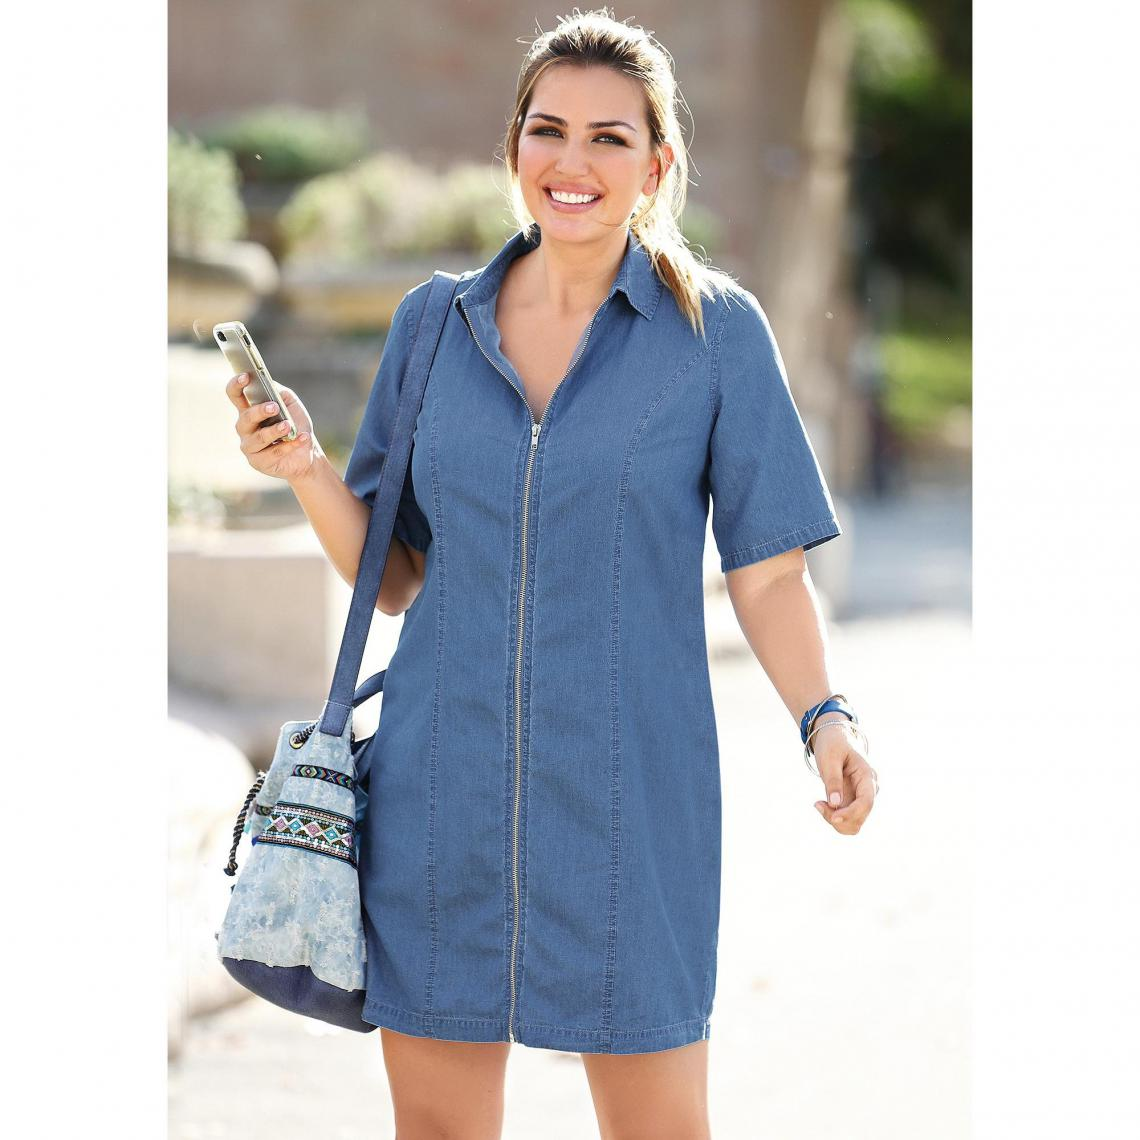 Robe Courte En Jean Zippee Manches Courtes Femme Bleu 3 Suisses